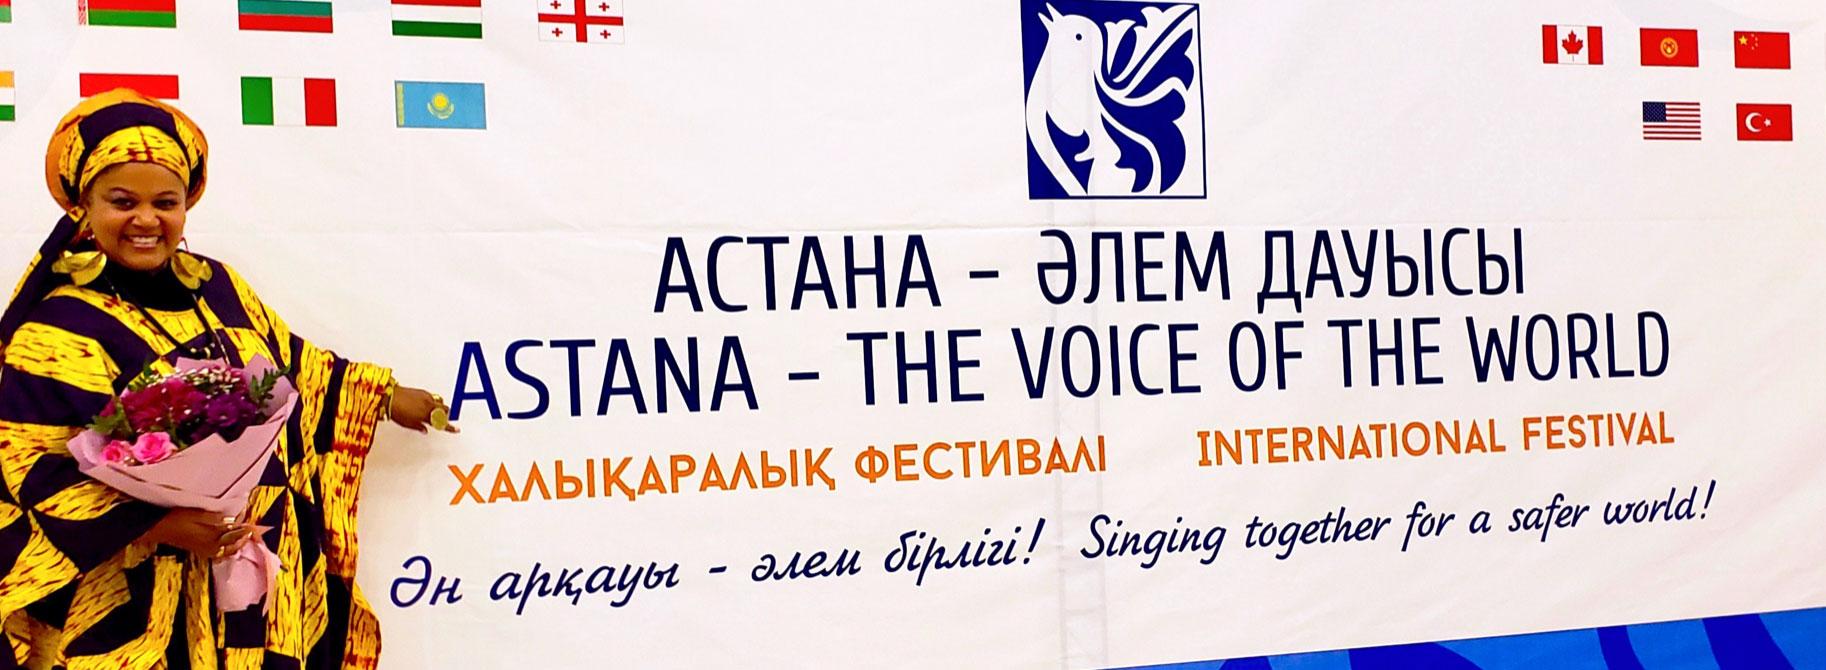 Amikaelya-Astana-TheVoiceOftheWorld.jpg